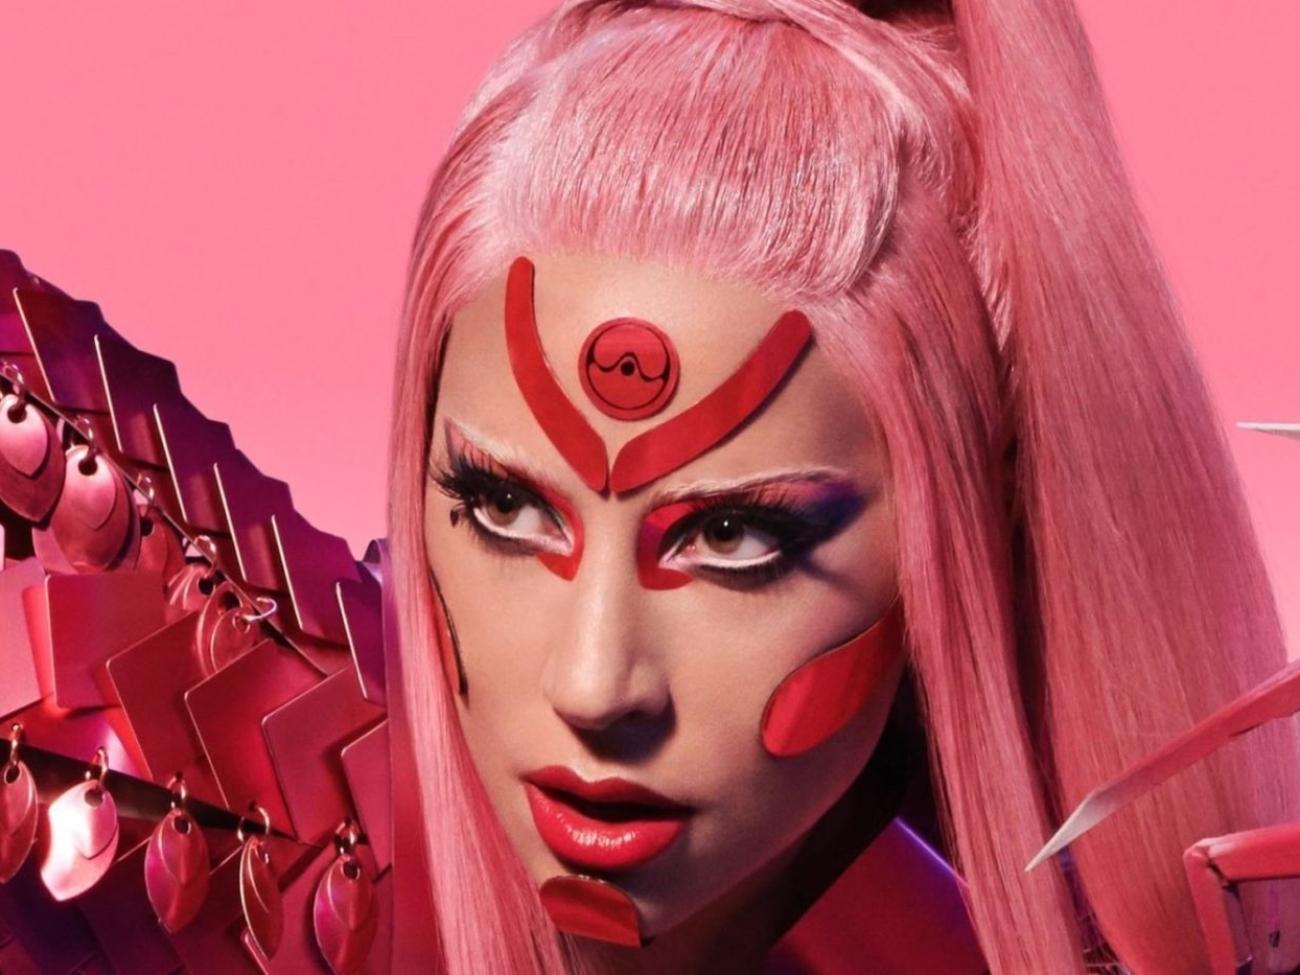 Lady-Gaga-2020-e1583175030756